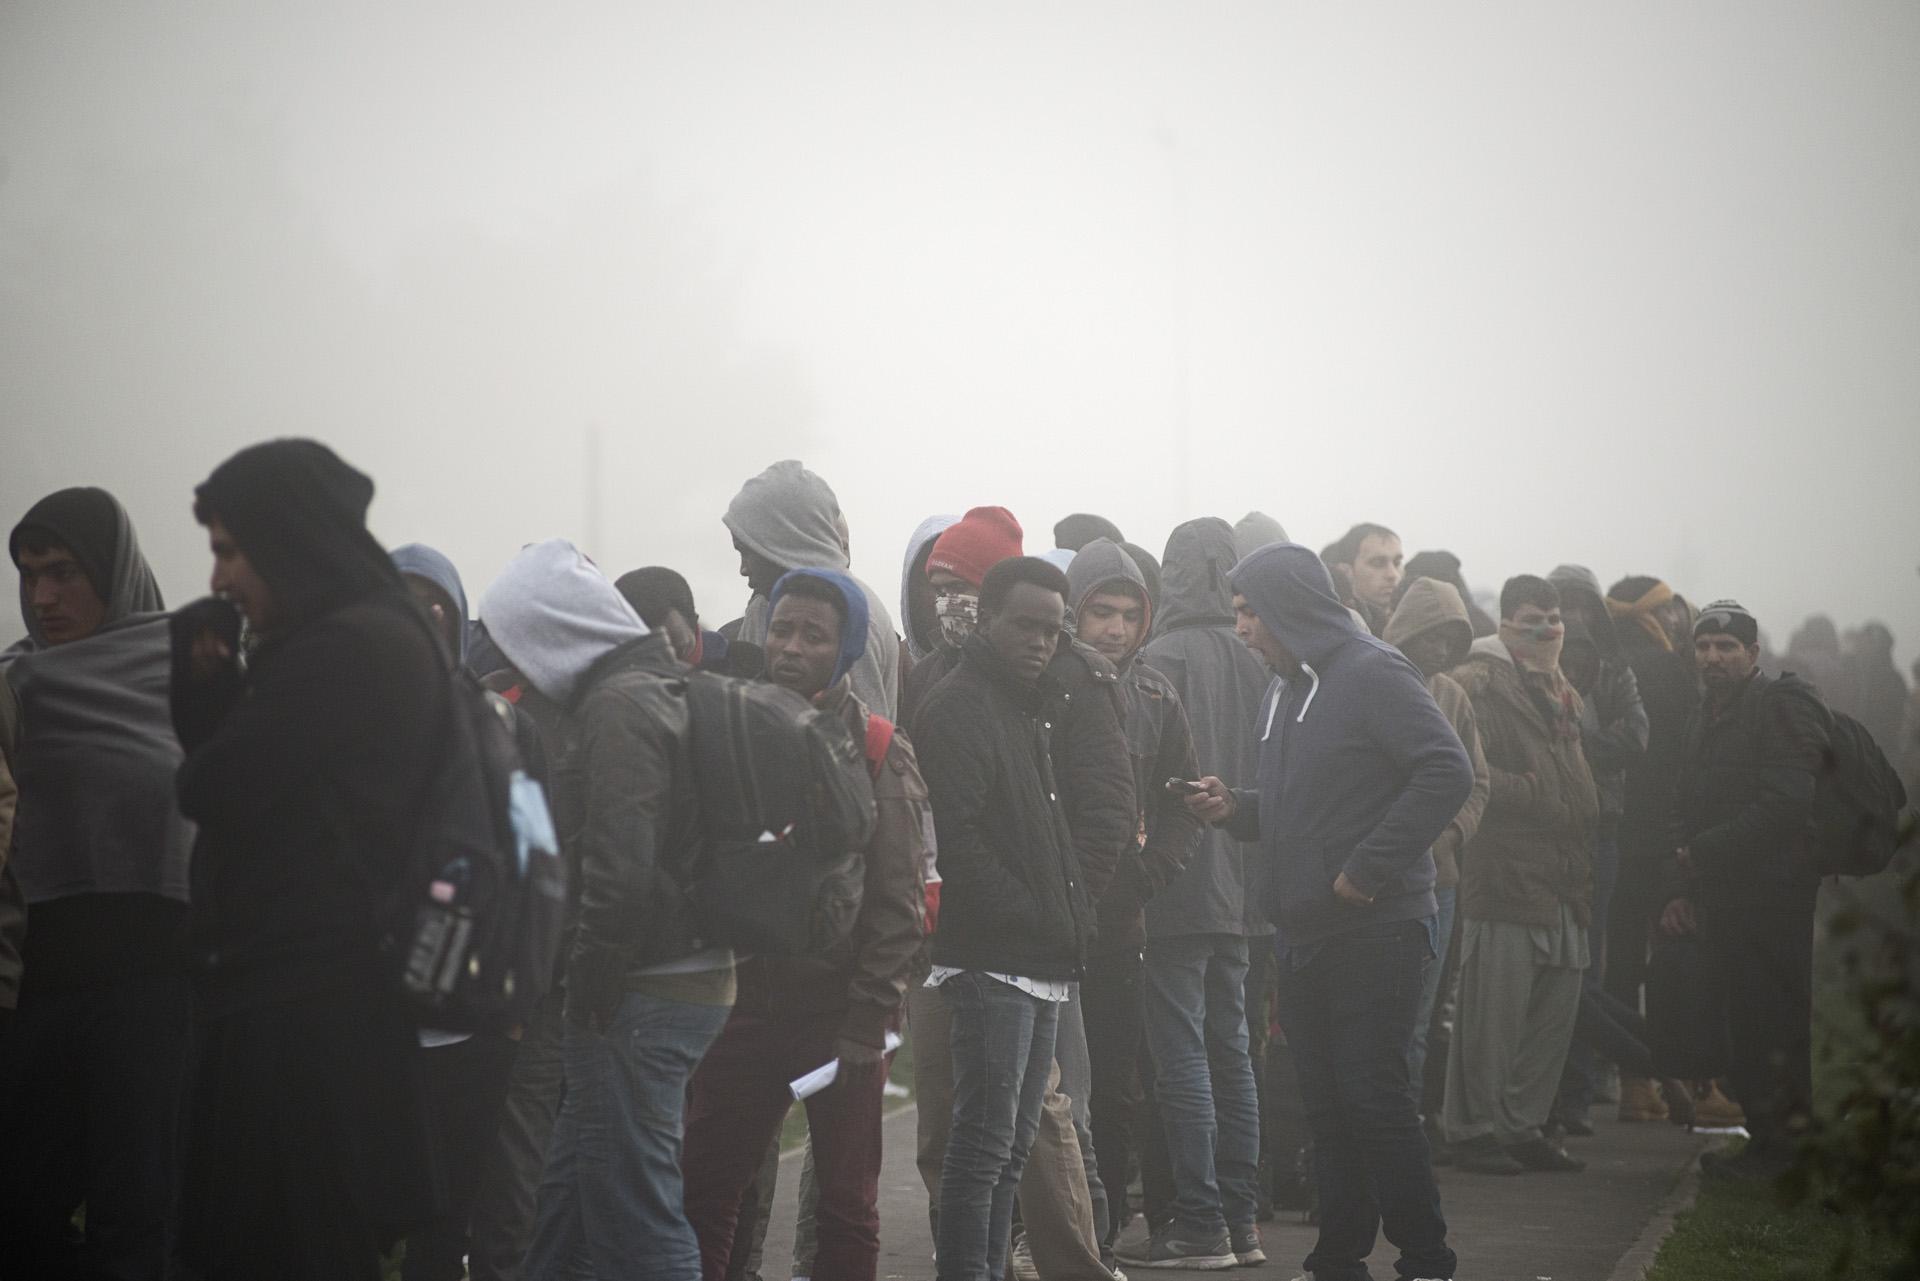 Calais, lundi 24 octobre 2016. Dans ce matin glacial, l'État français lance sa première grande opération de « mise à l'abri » ou d'évacuation de migrants. Devant un hangar désaffecté de 3 000 mètres carrés transformé en « point d'accueil » et en gare routière, les plus pressés sont arrivés dans la nuit, plus de deux heures avant l'ouverture des portes. Il faut d'abord entrer dans un sas pour sortir de la jungle.